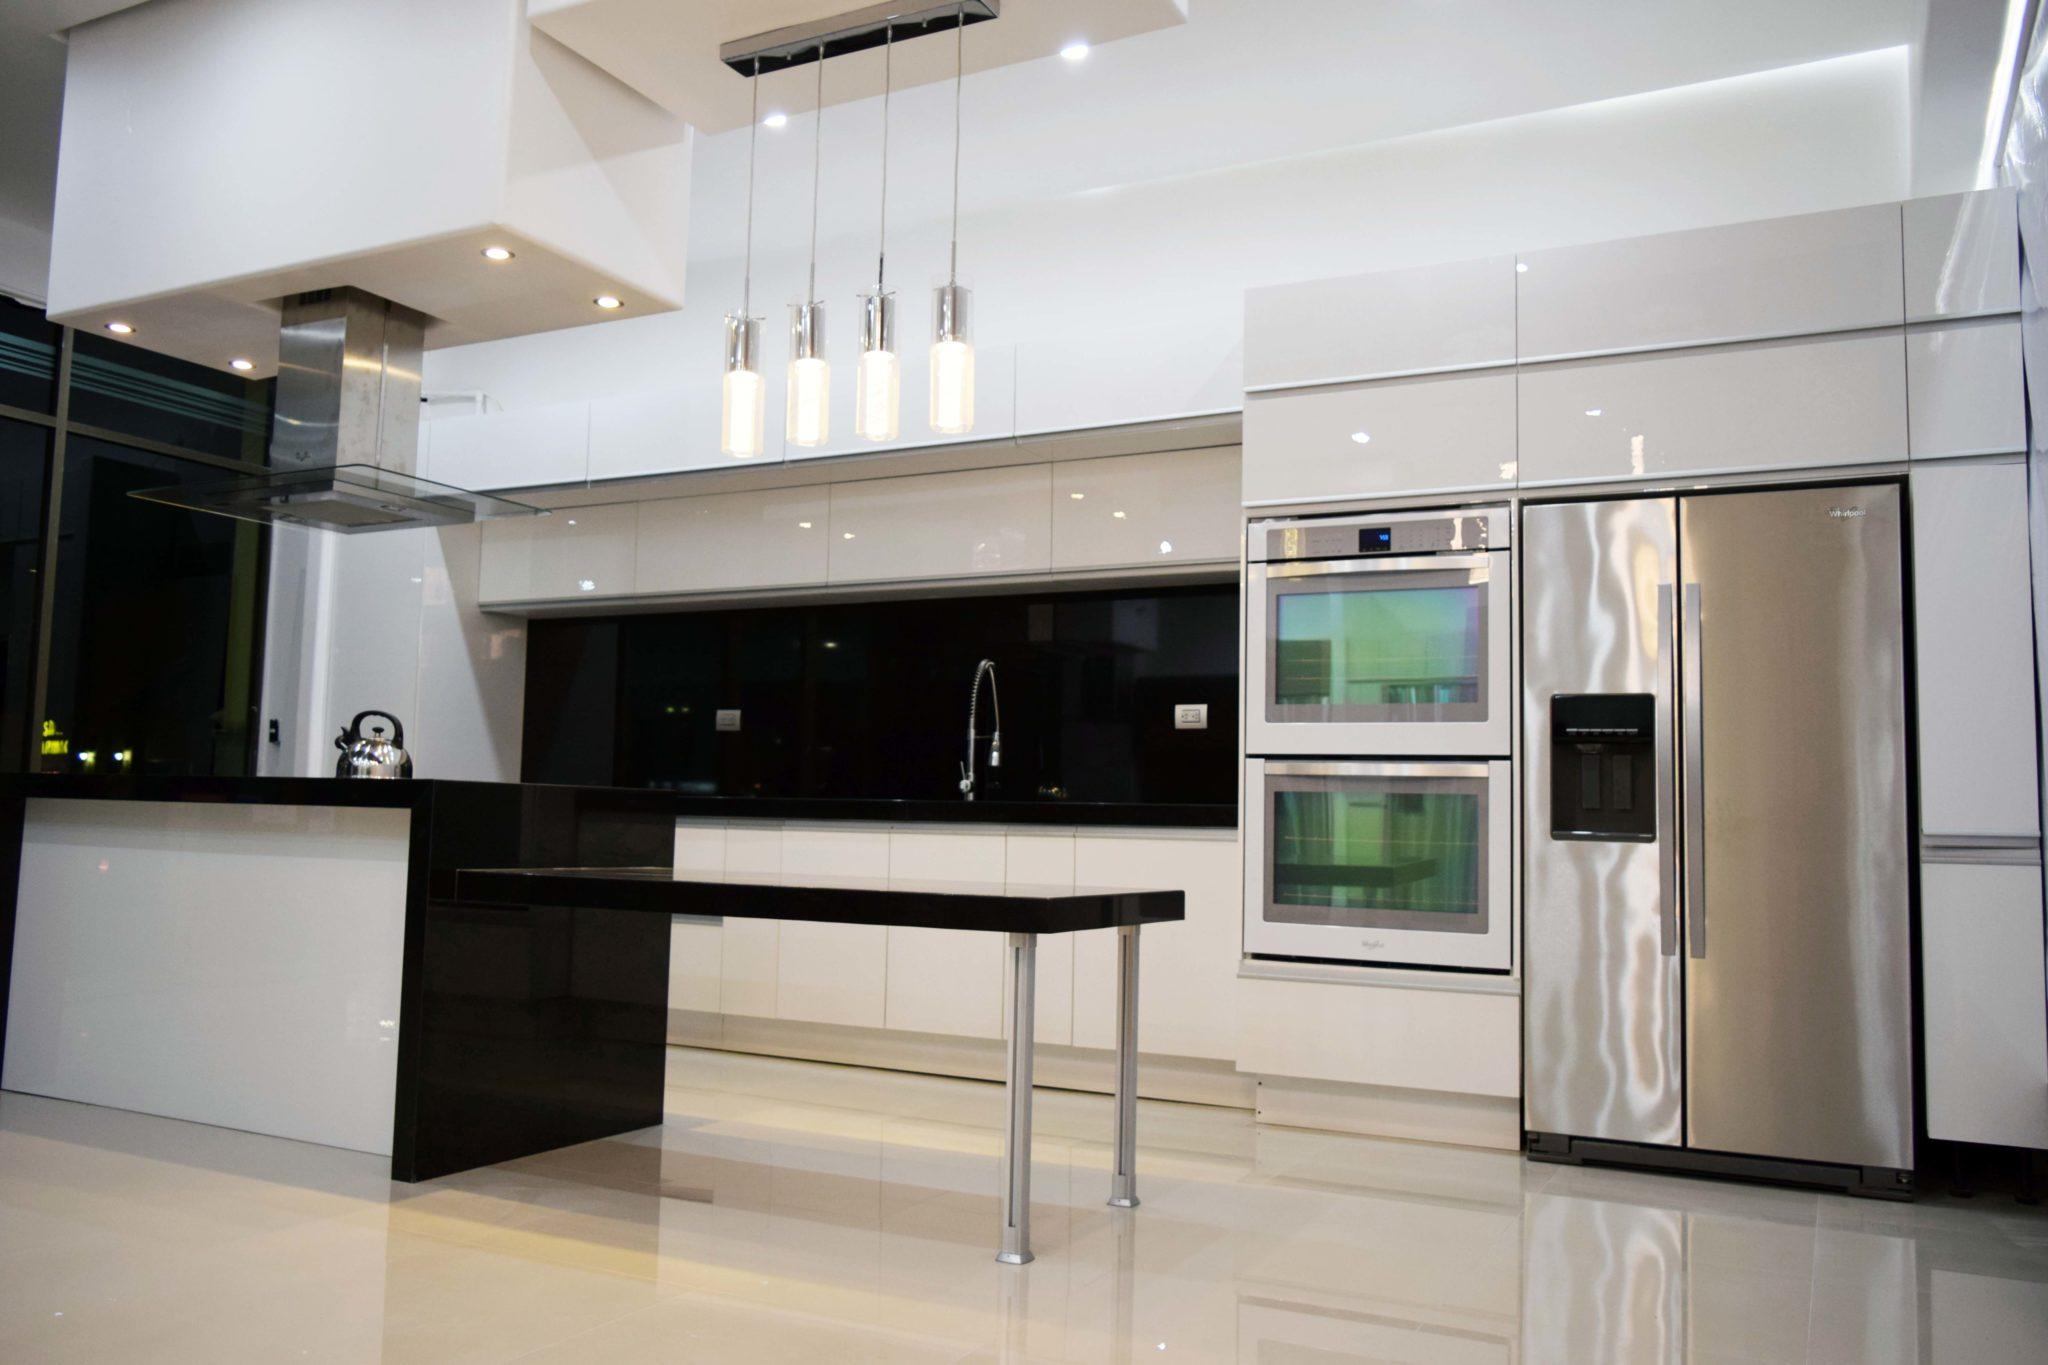 Keepler cocinas integrales y closets for Modelos de cocinas integrales catalogo